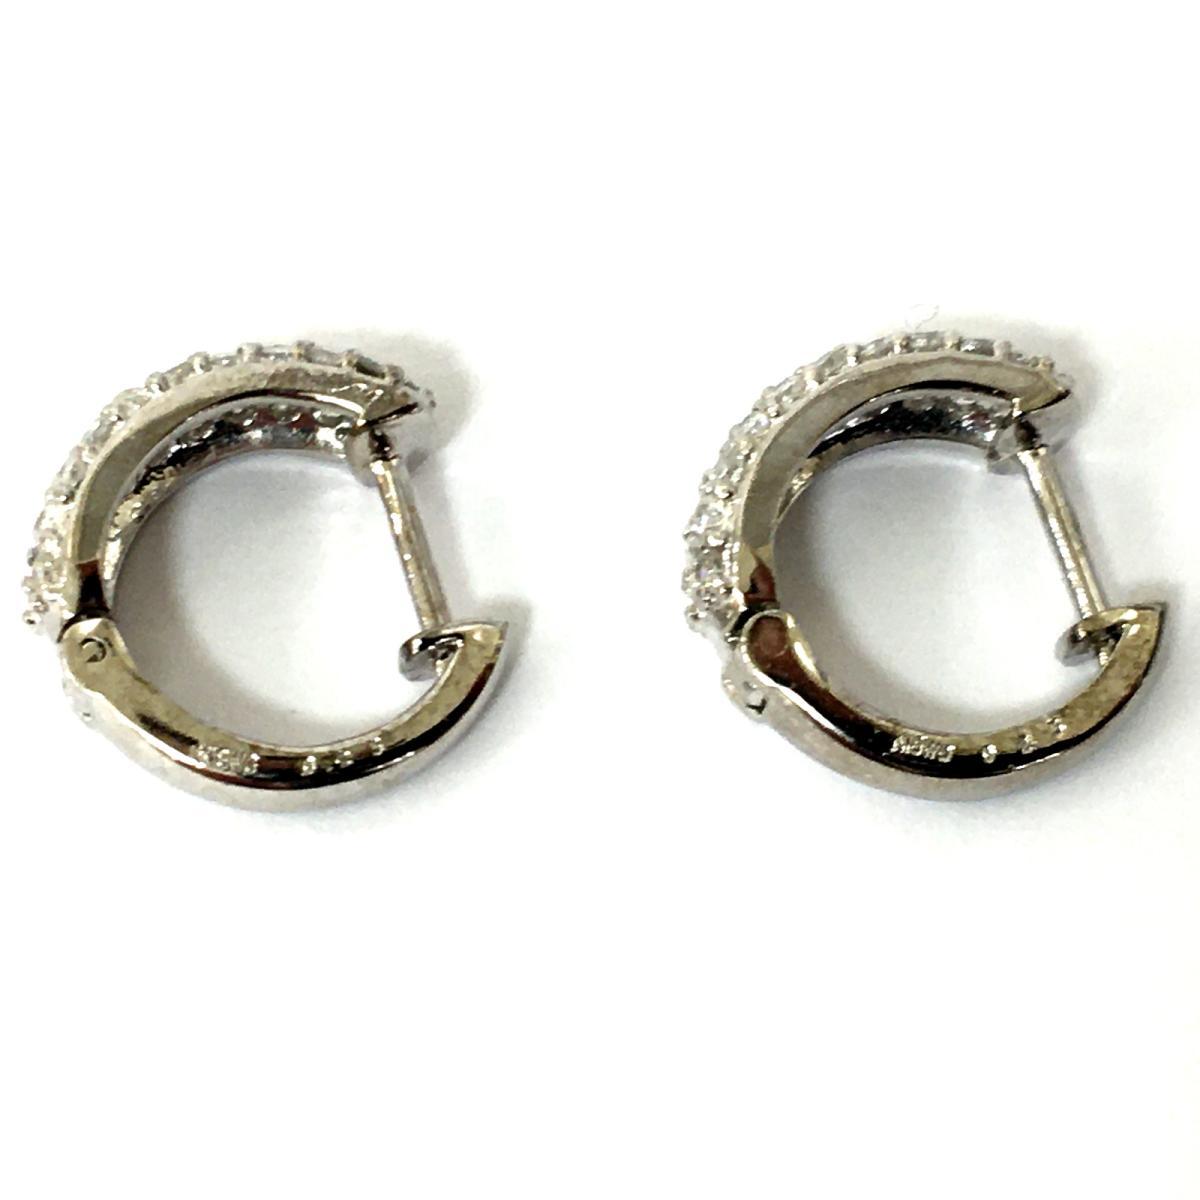 JEWELRY ジュエリージュエリー ダイヤモンド フープピアス ピアス 白系 K18WG 750 ホワイトゴールド×ダイヤモンド 0 25ct×2ランクAH2IYEDW9